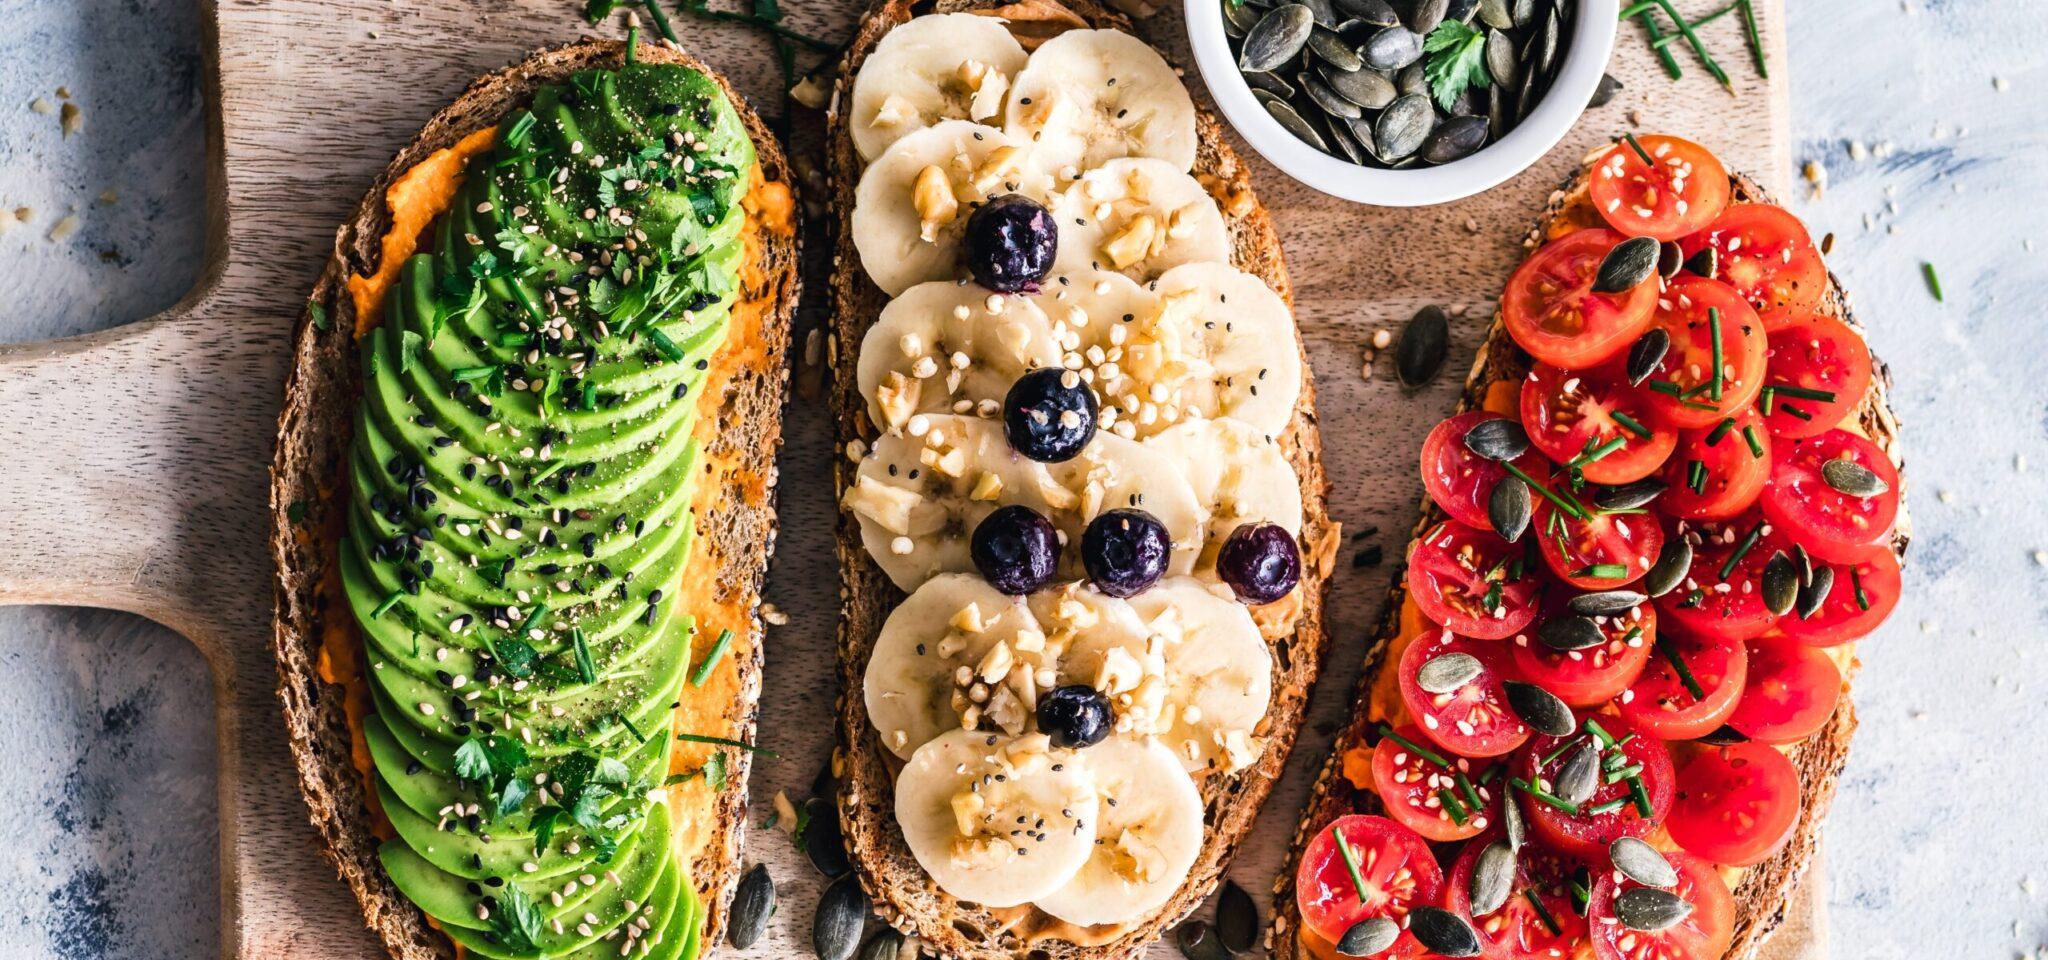 Novo ano: repensar a alimentaçãoz•Life